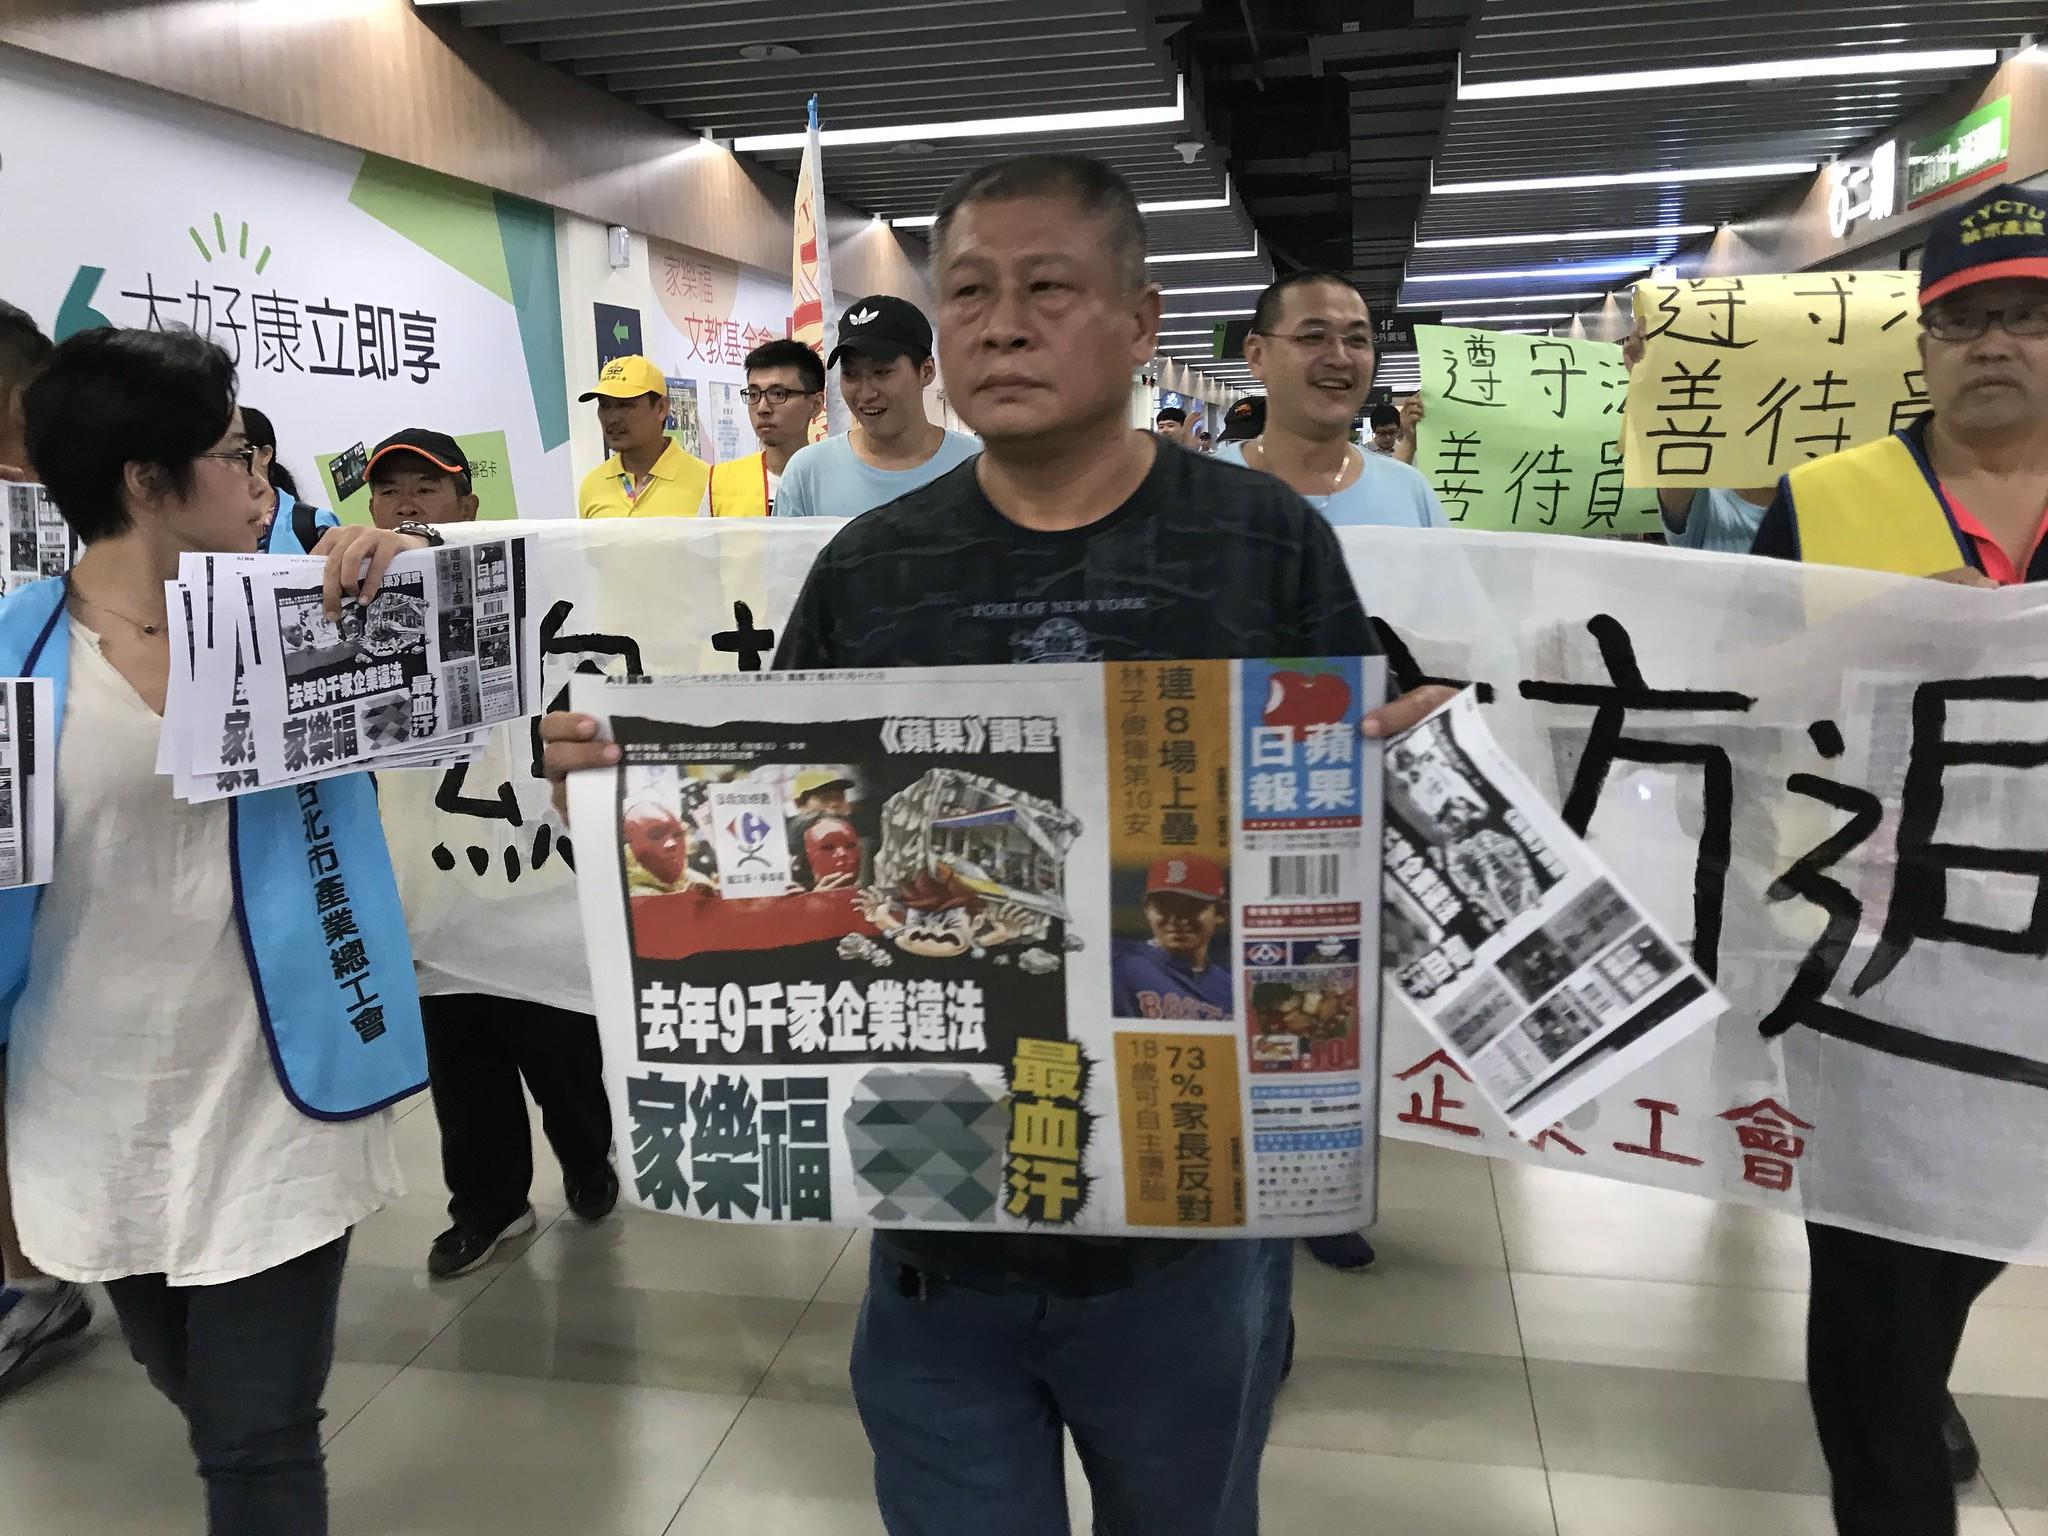 工會在八德店內遊行,家樂福樹林店工會前理事長陳明德也前來聲援。(攝影:張宗坤)